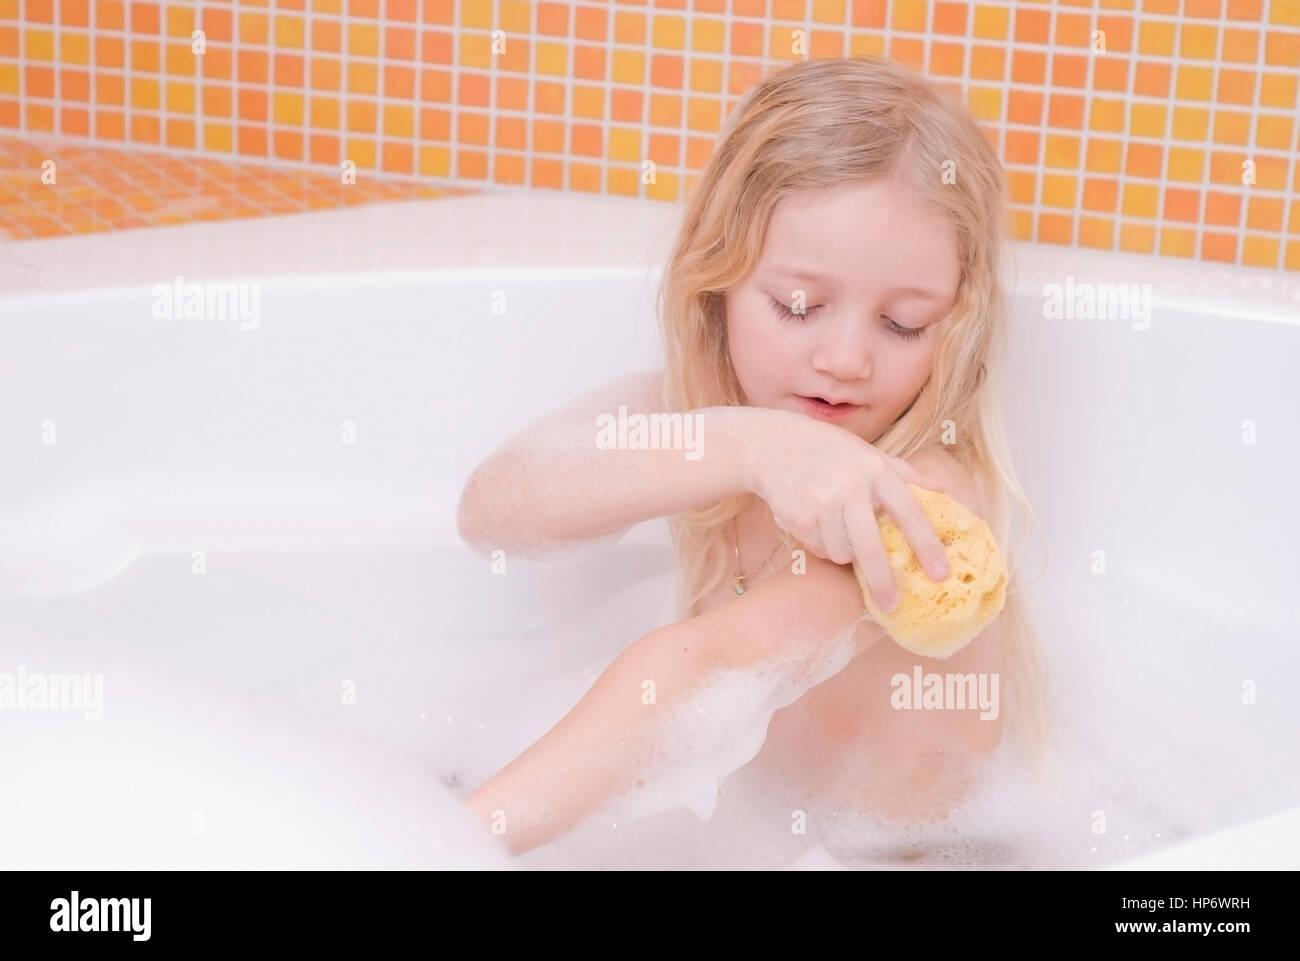 Model released , Maedchen, 7 Jahre, in der Badewanne